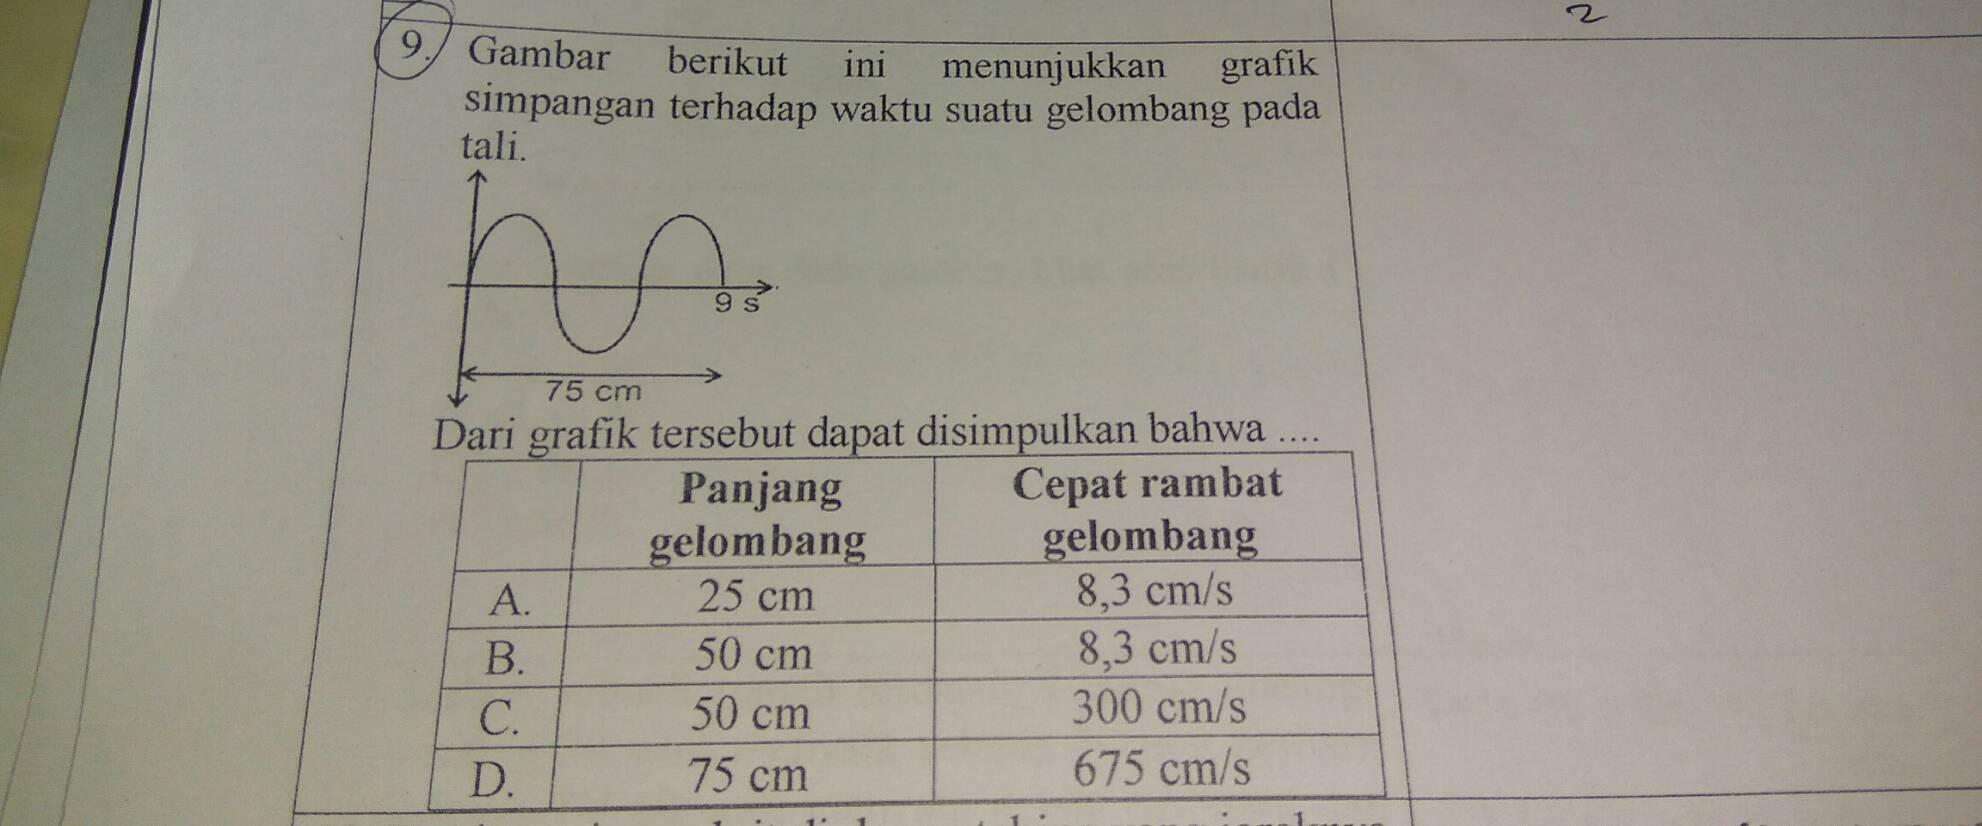 9.gambar berikut ini menunjukkan grafik simpangan terhadap ...